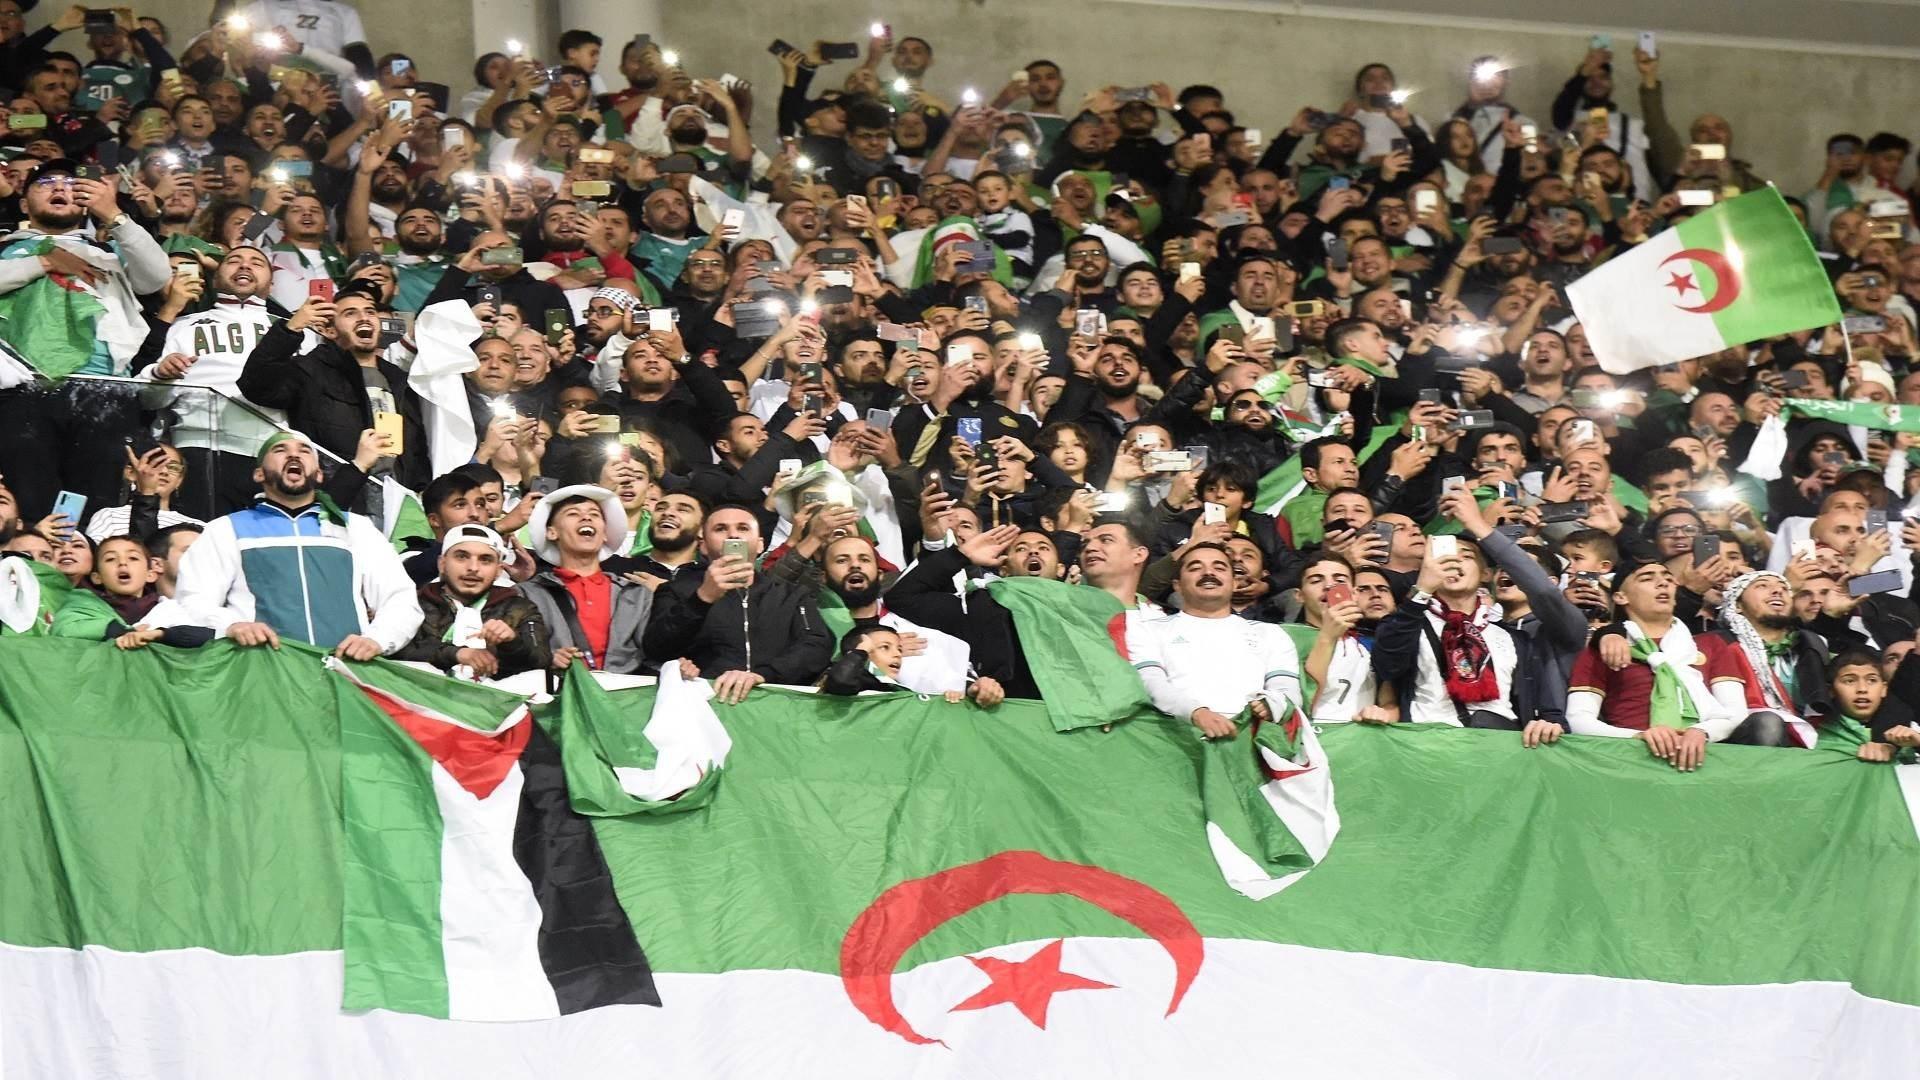 الجماهير الجزائرية في احدى مباريات المنتخب (أرشيف)